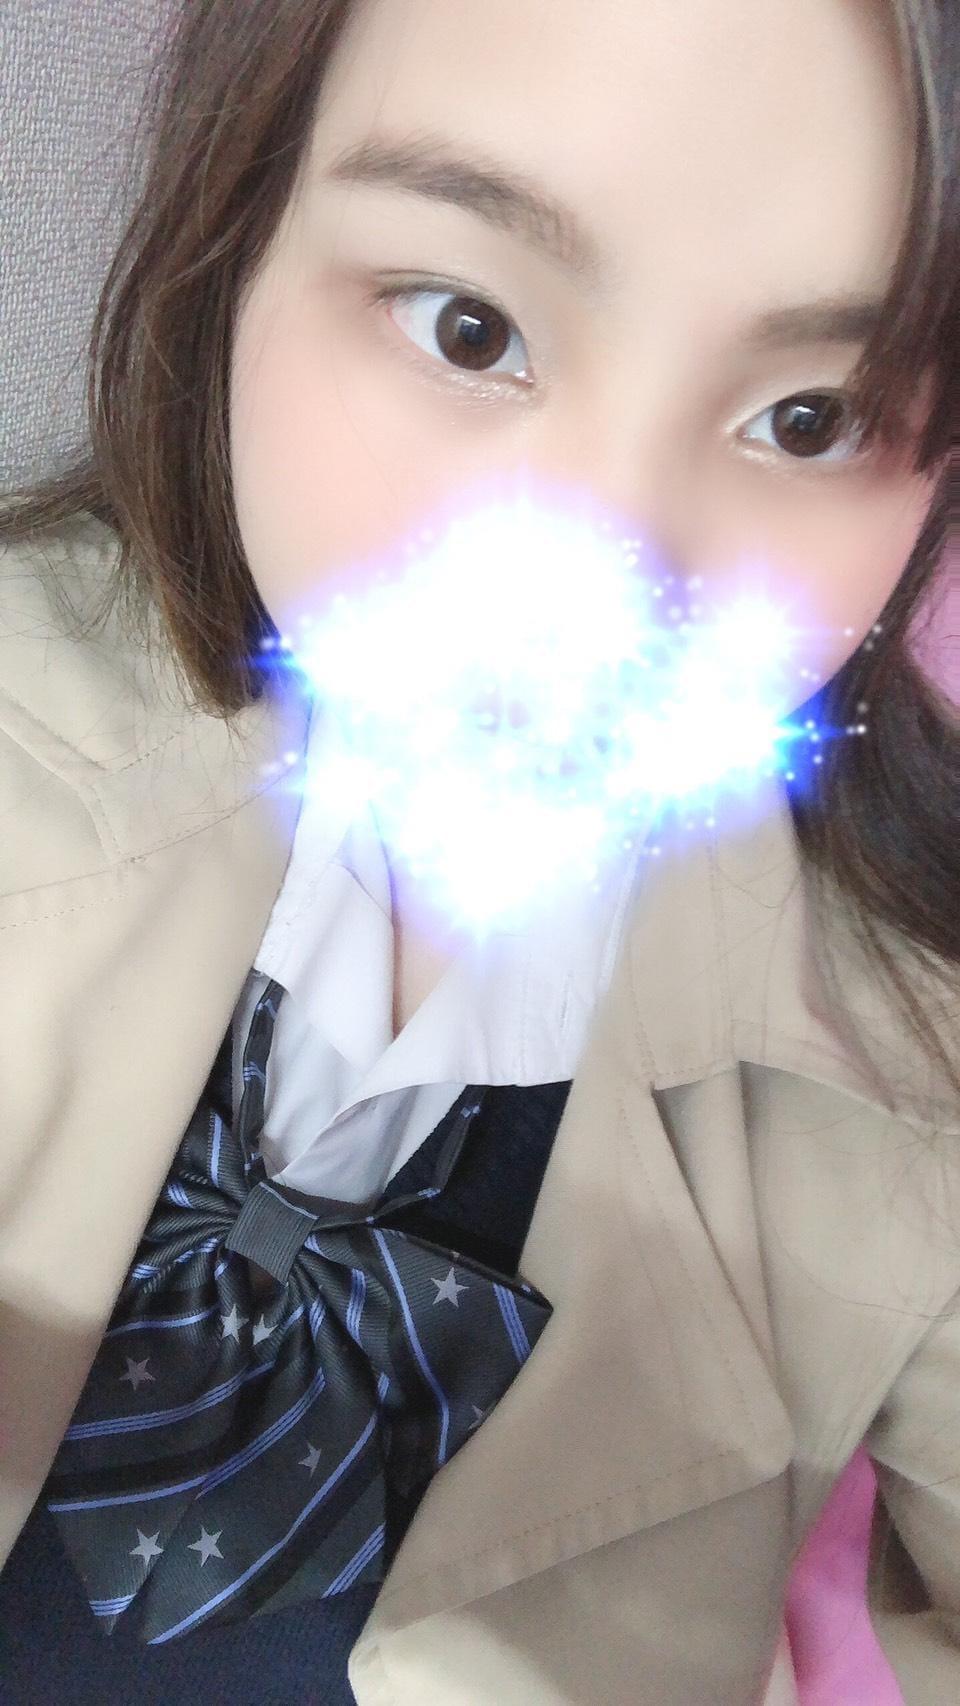 「おはよう(*^-^*)」01/08(01/08) 11:23 | キィの写メ・風俗動画